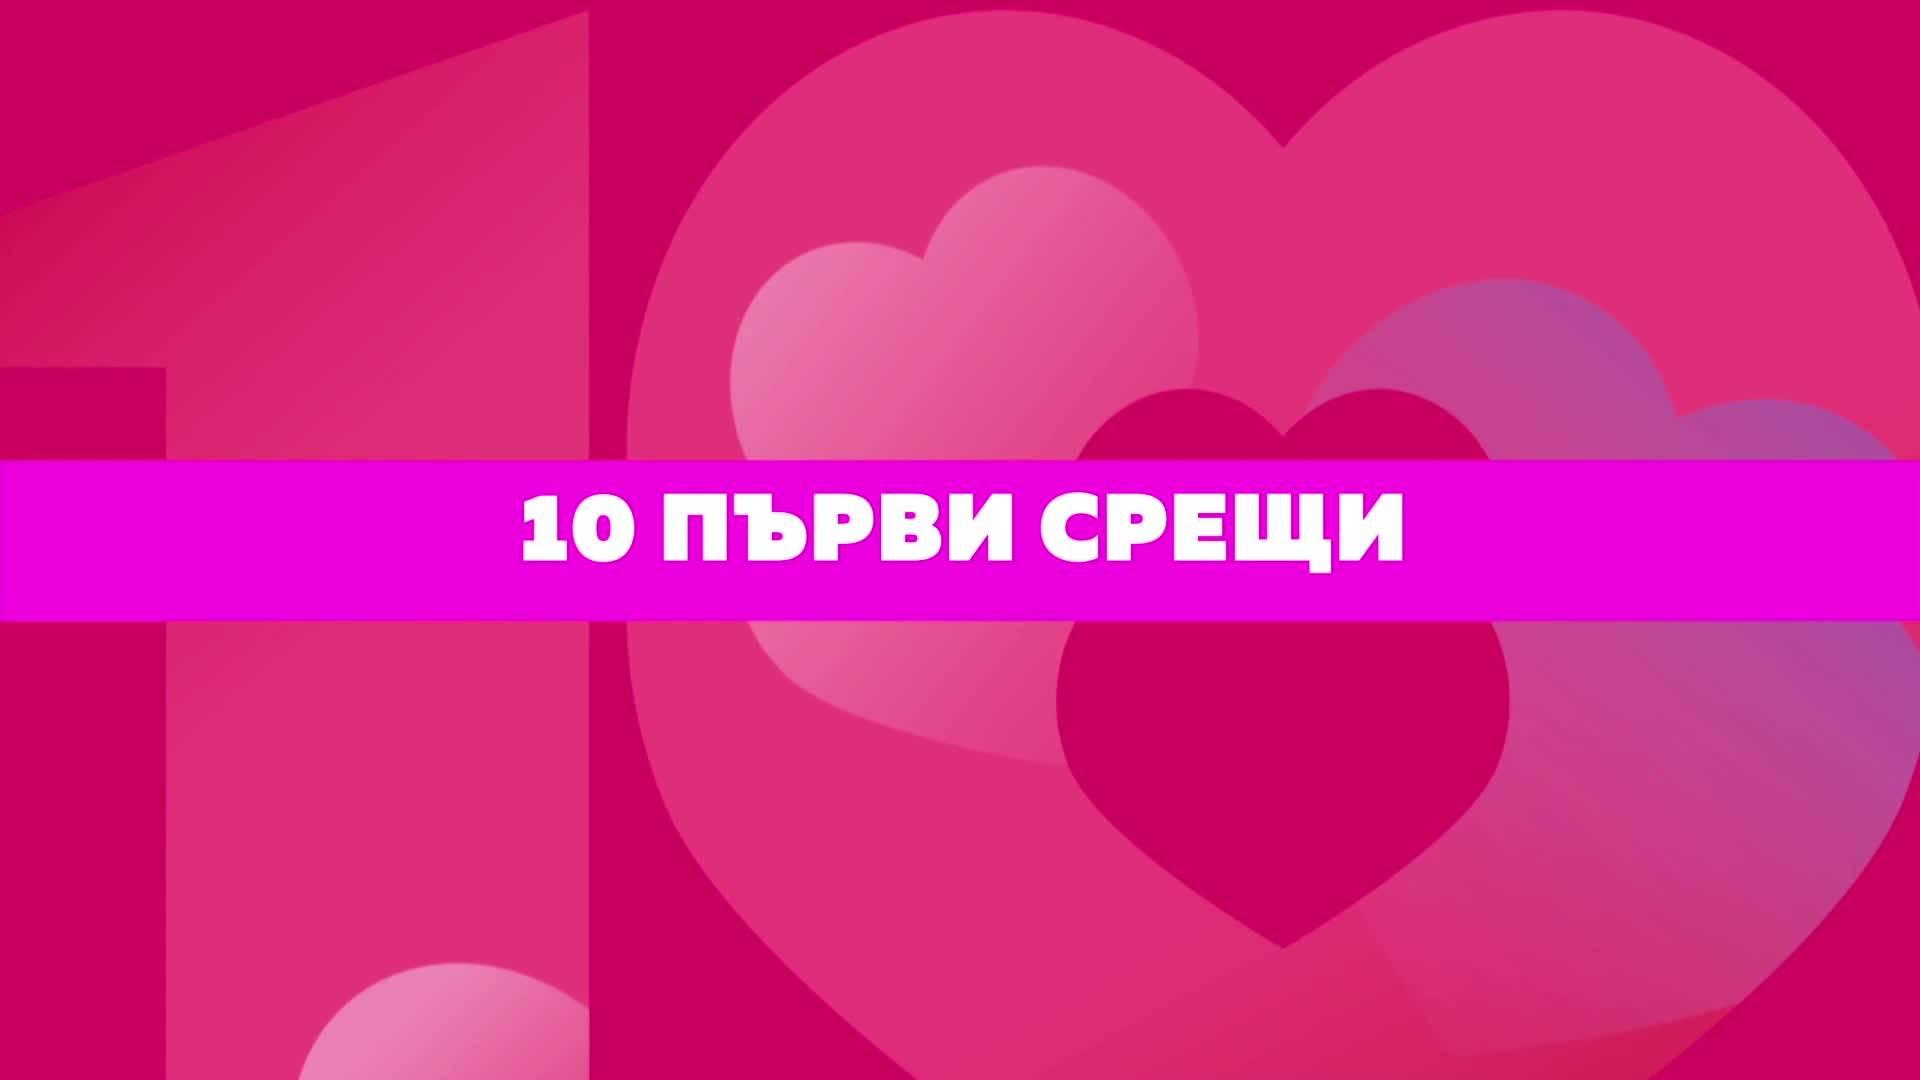 10 първи срещи - романтичен риалити сериал във Vbox7!